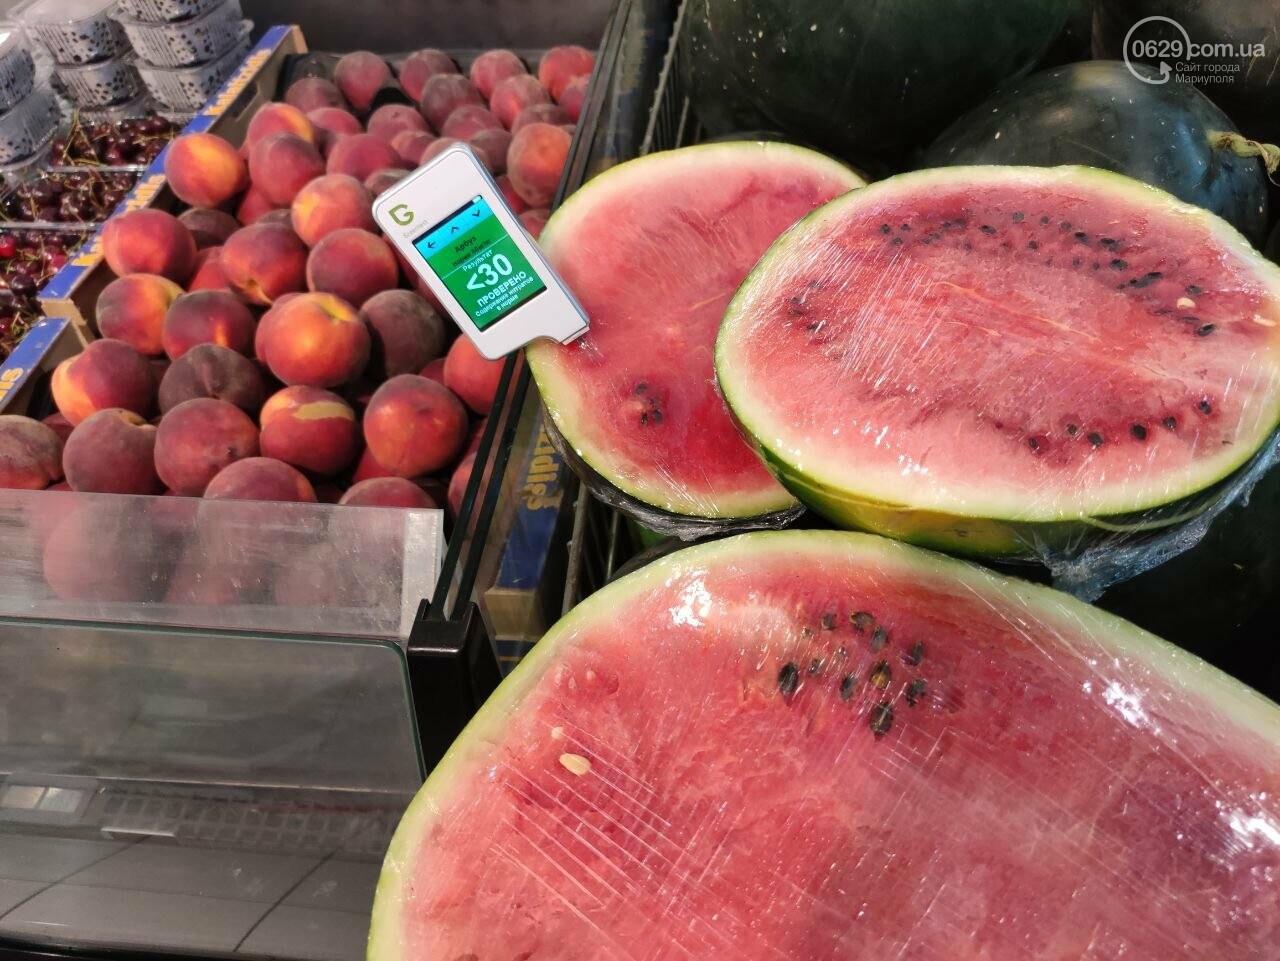 Проверка на нитраты в Мариуполе: опасные дыни в супермаркете и злые продавцы на рынке, - ФОТО, ВИДЕО, фото-16